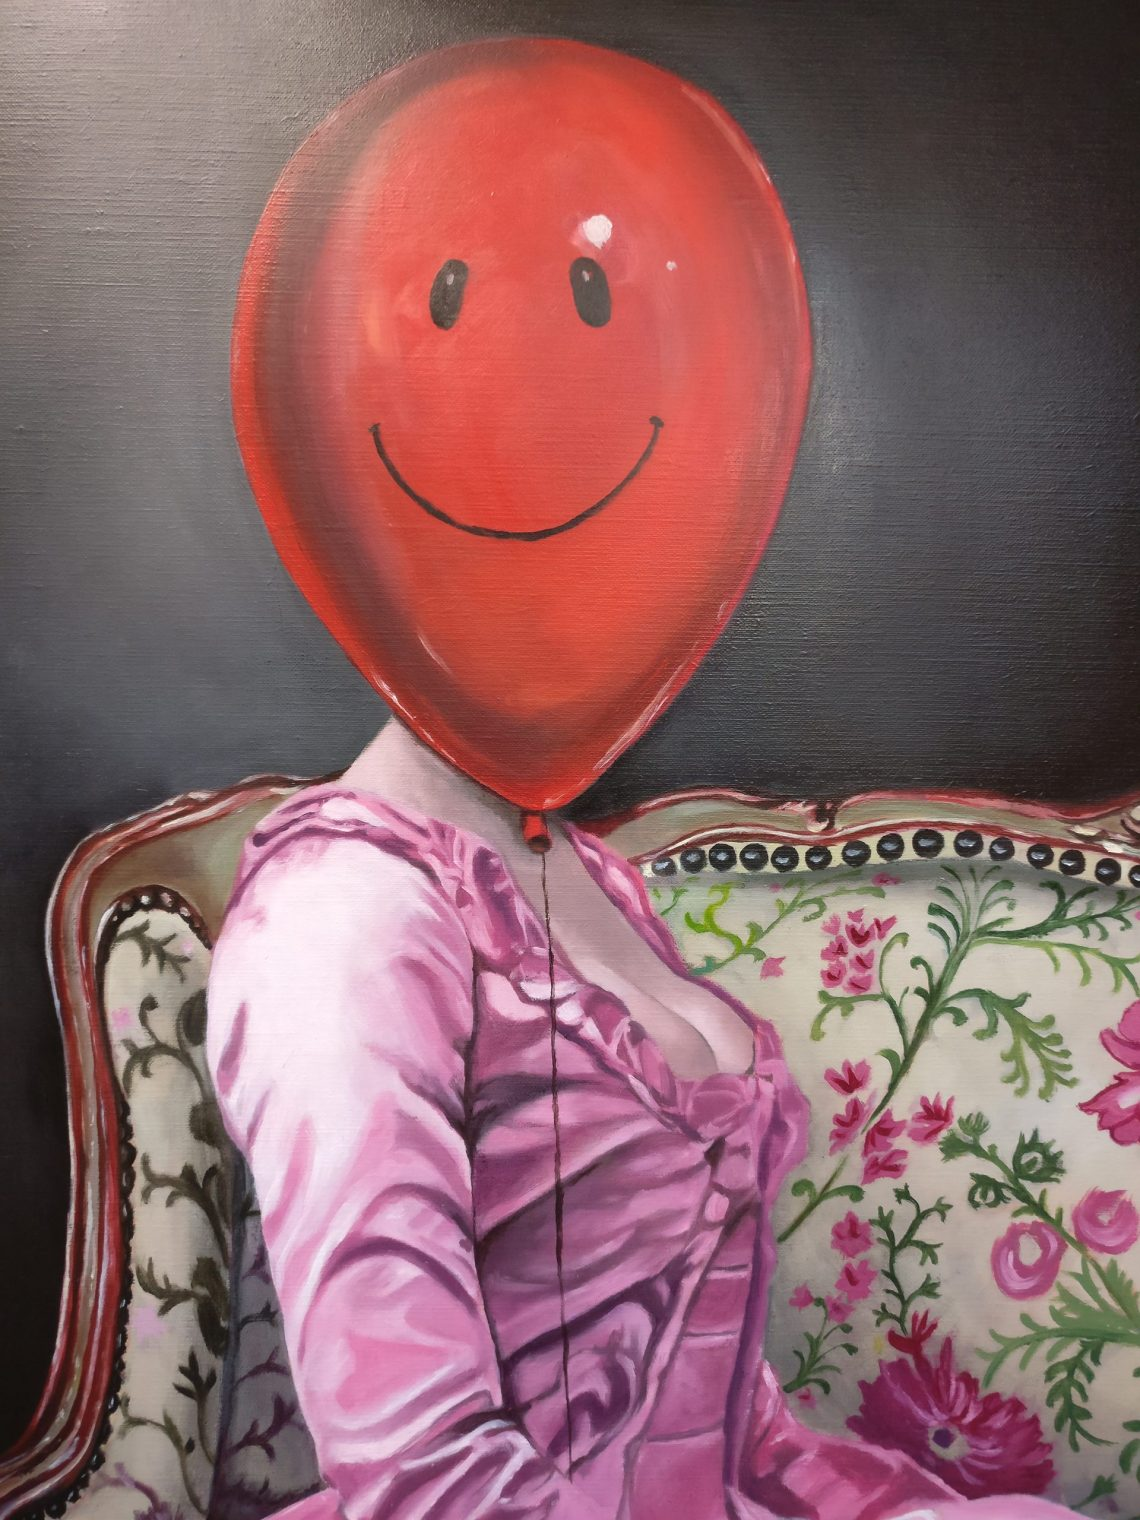 Balloon Rouge Raffaella Bertolini